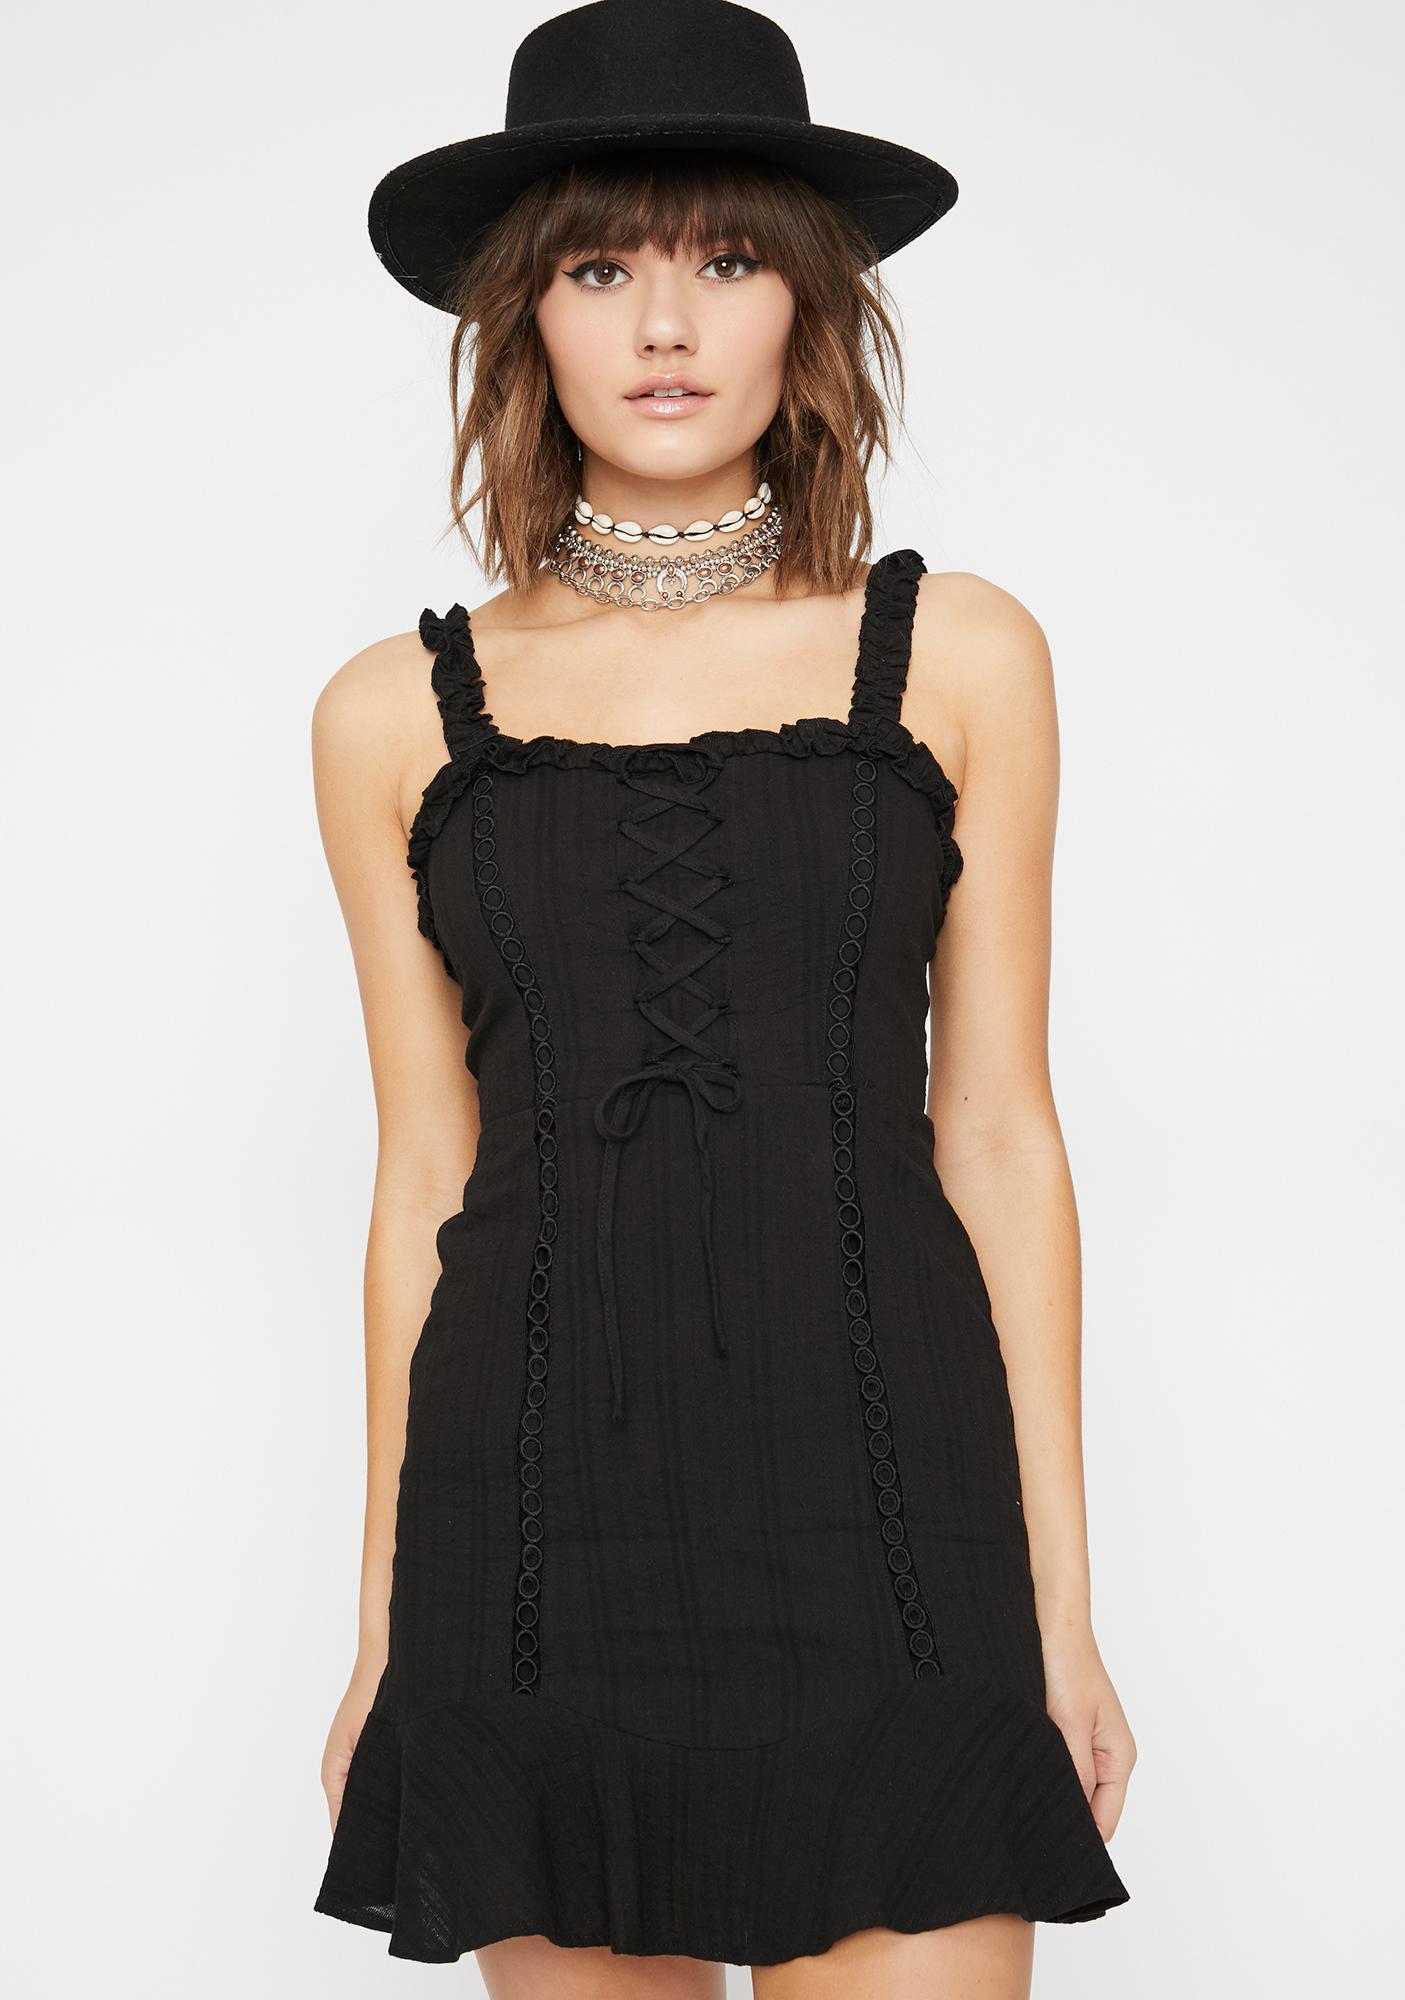 Charming Kiss Mini Dress